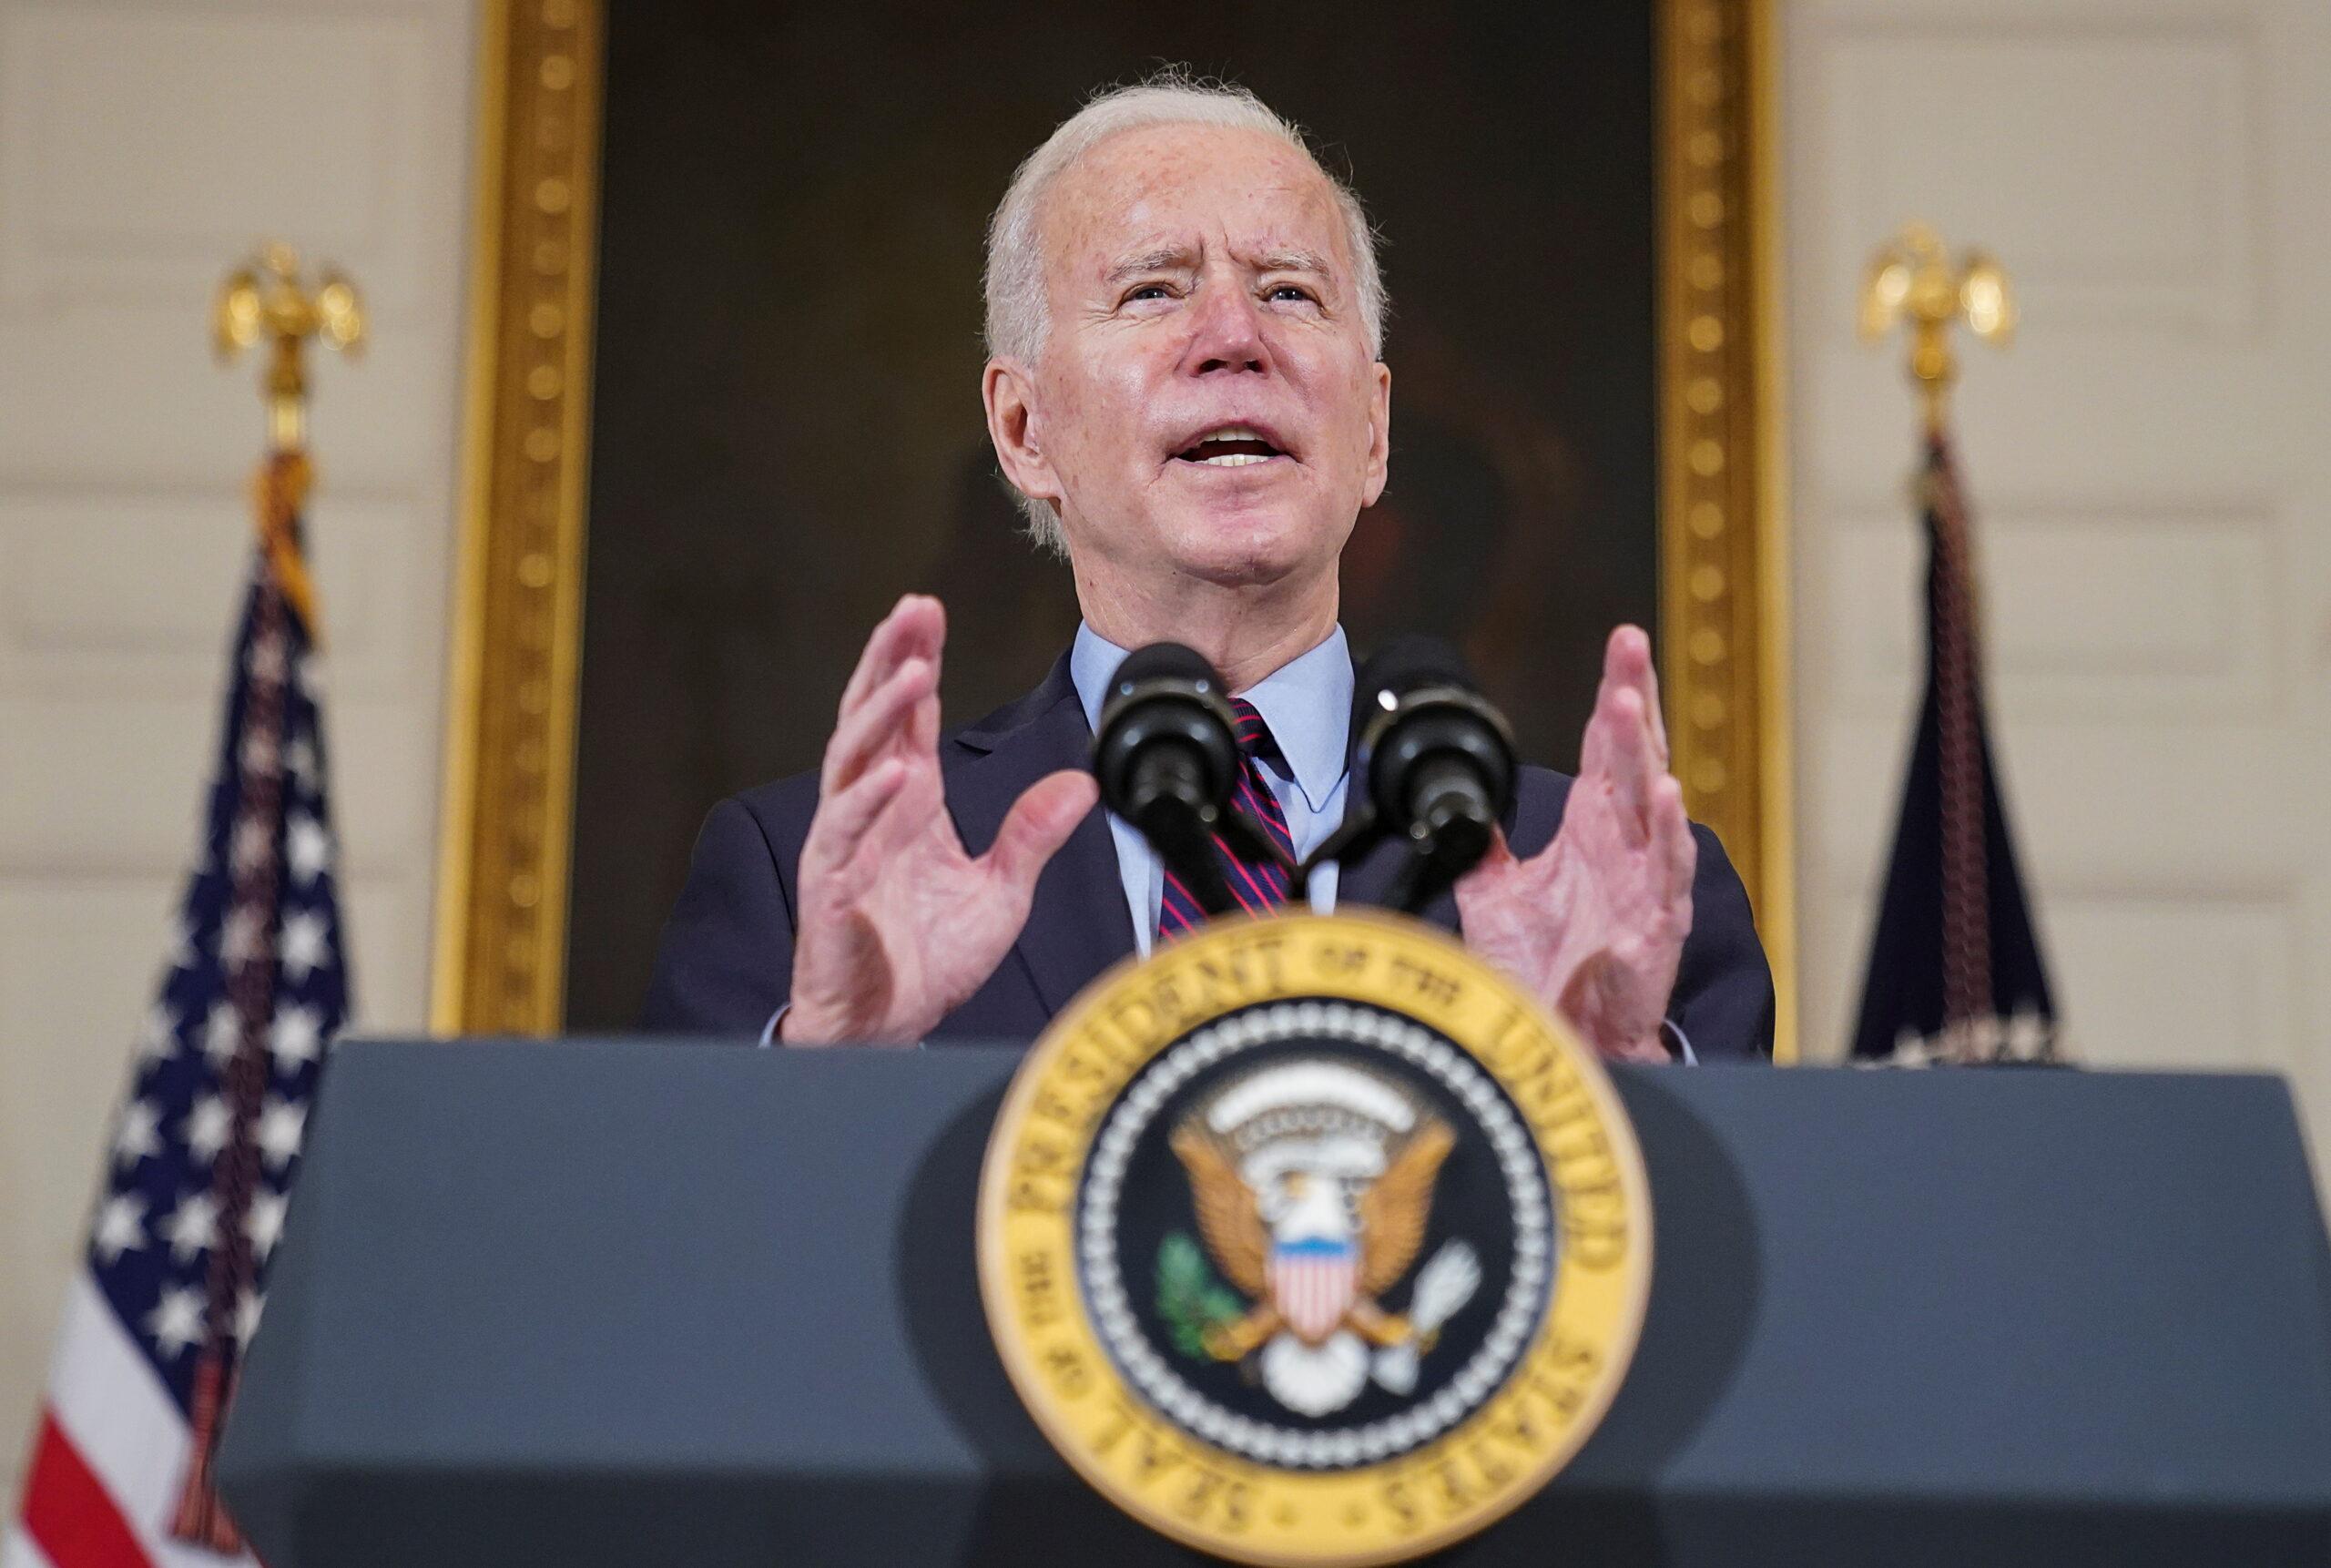 Biden ritira l'appoggio all'Arabia Saudita